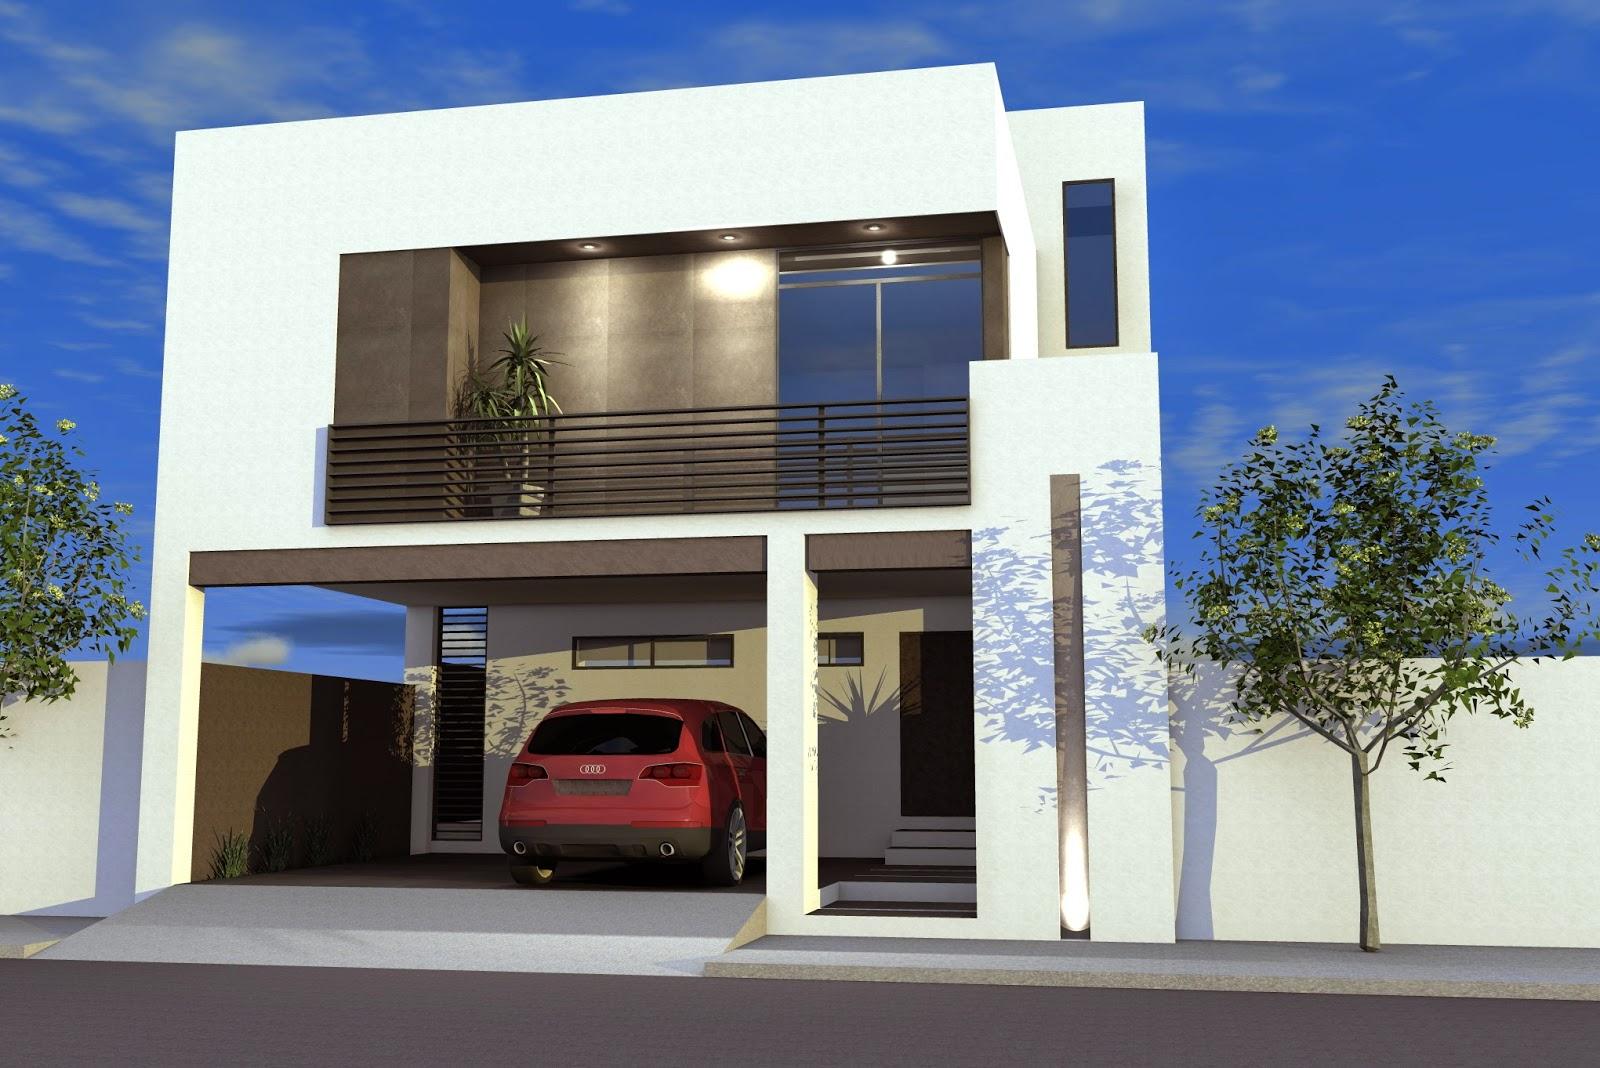 Fachadas De Casas Modernas Abril 2014